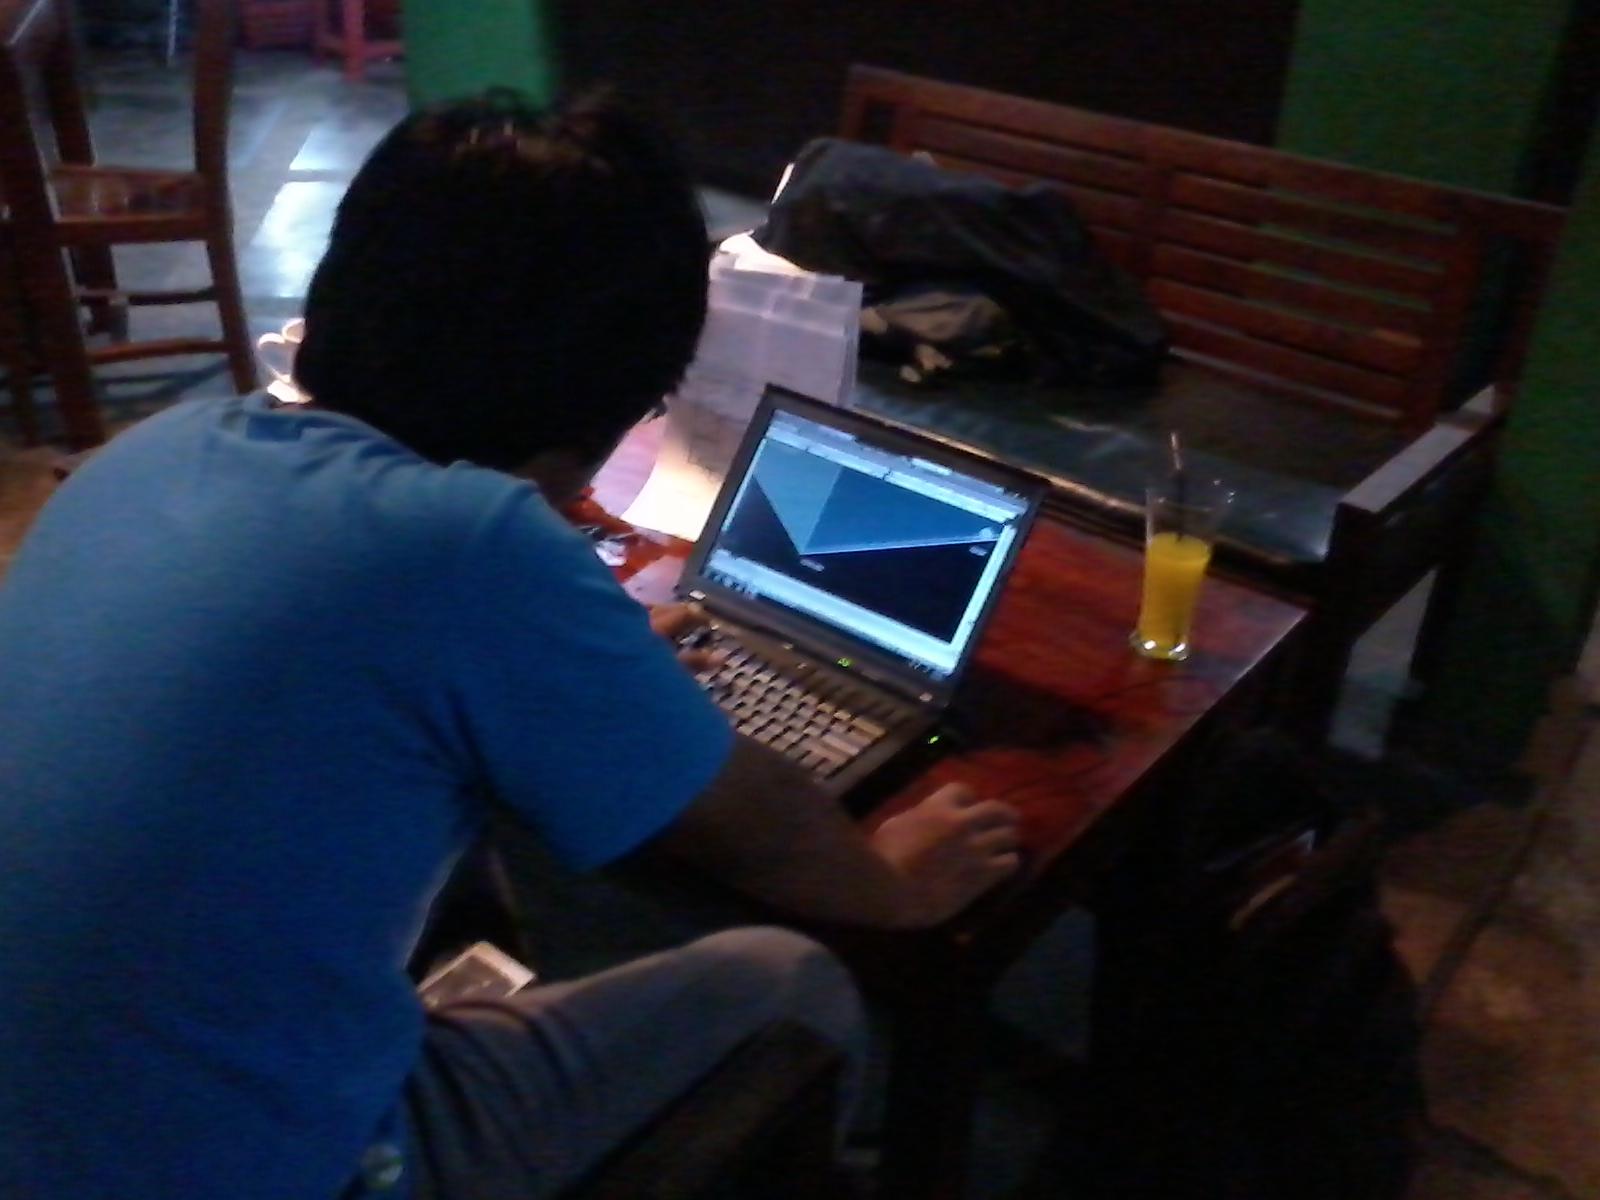 Kursus Private AutoCAD 3D ZOE Cafe Depok